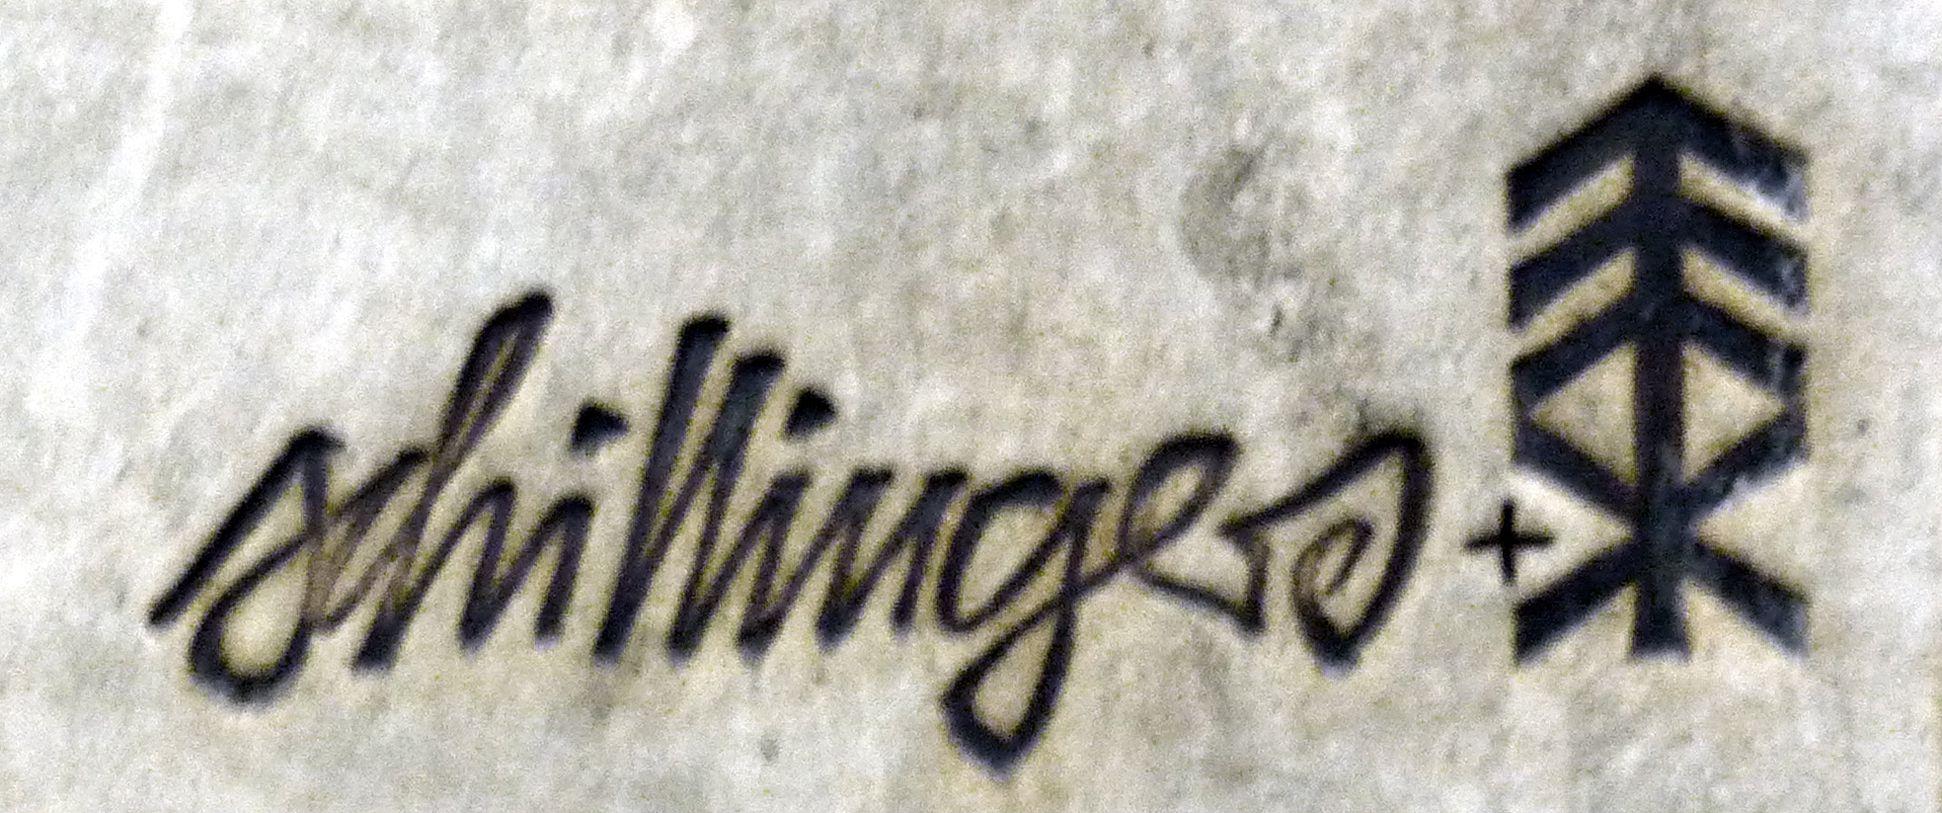 Keramikrelief der Nürnberger Altstadt Unterschruft von Heinz Schillinger + Elly & Wilhelm Kuch